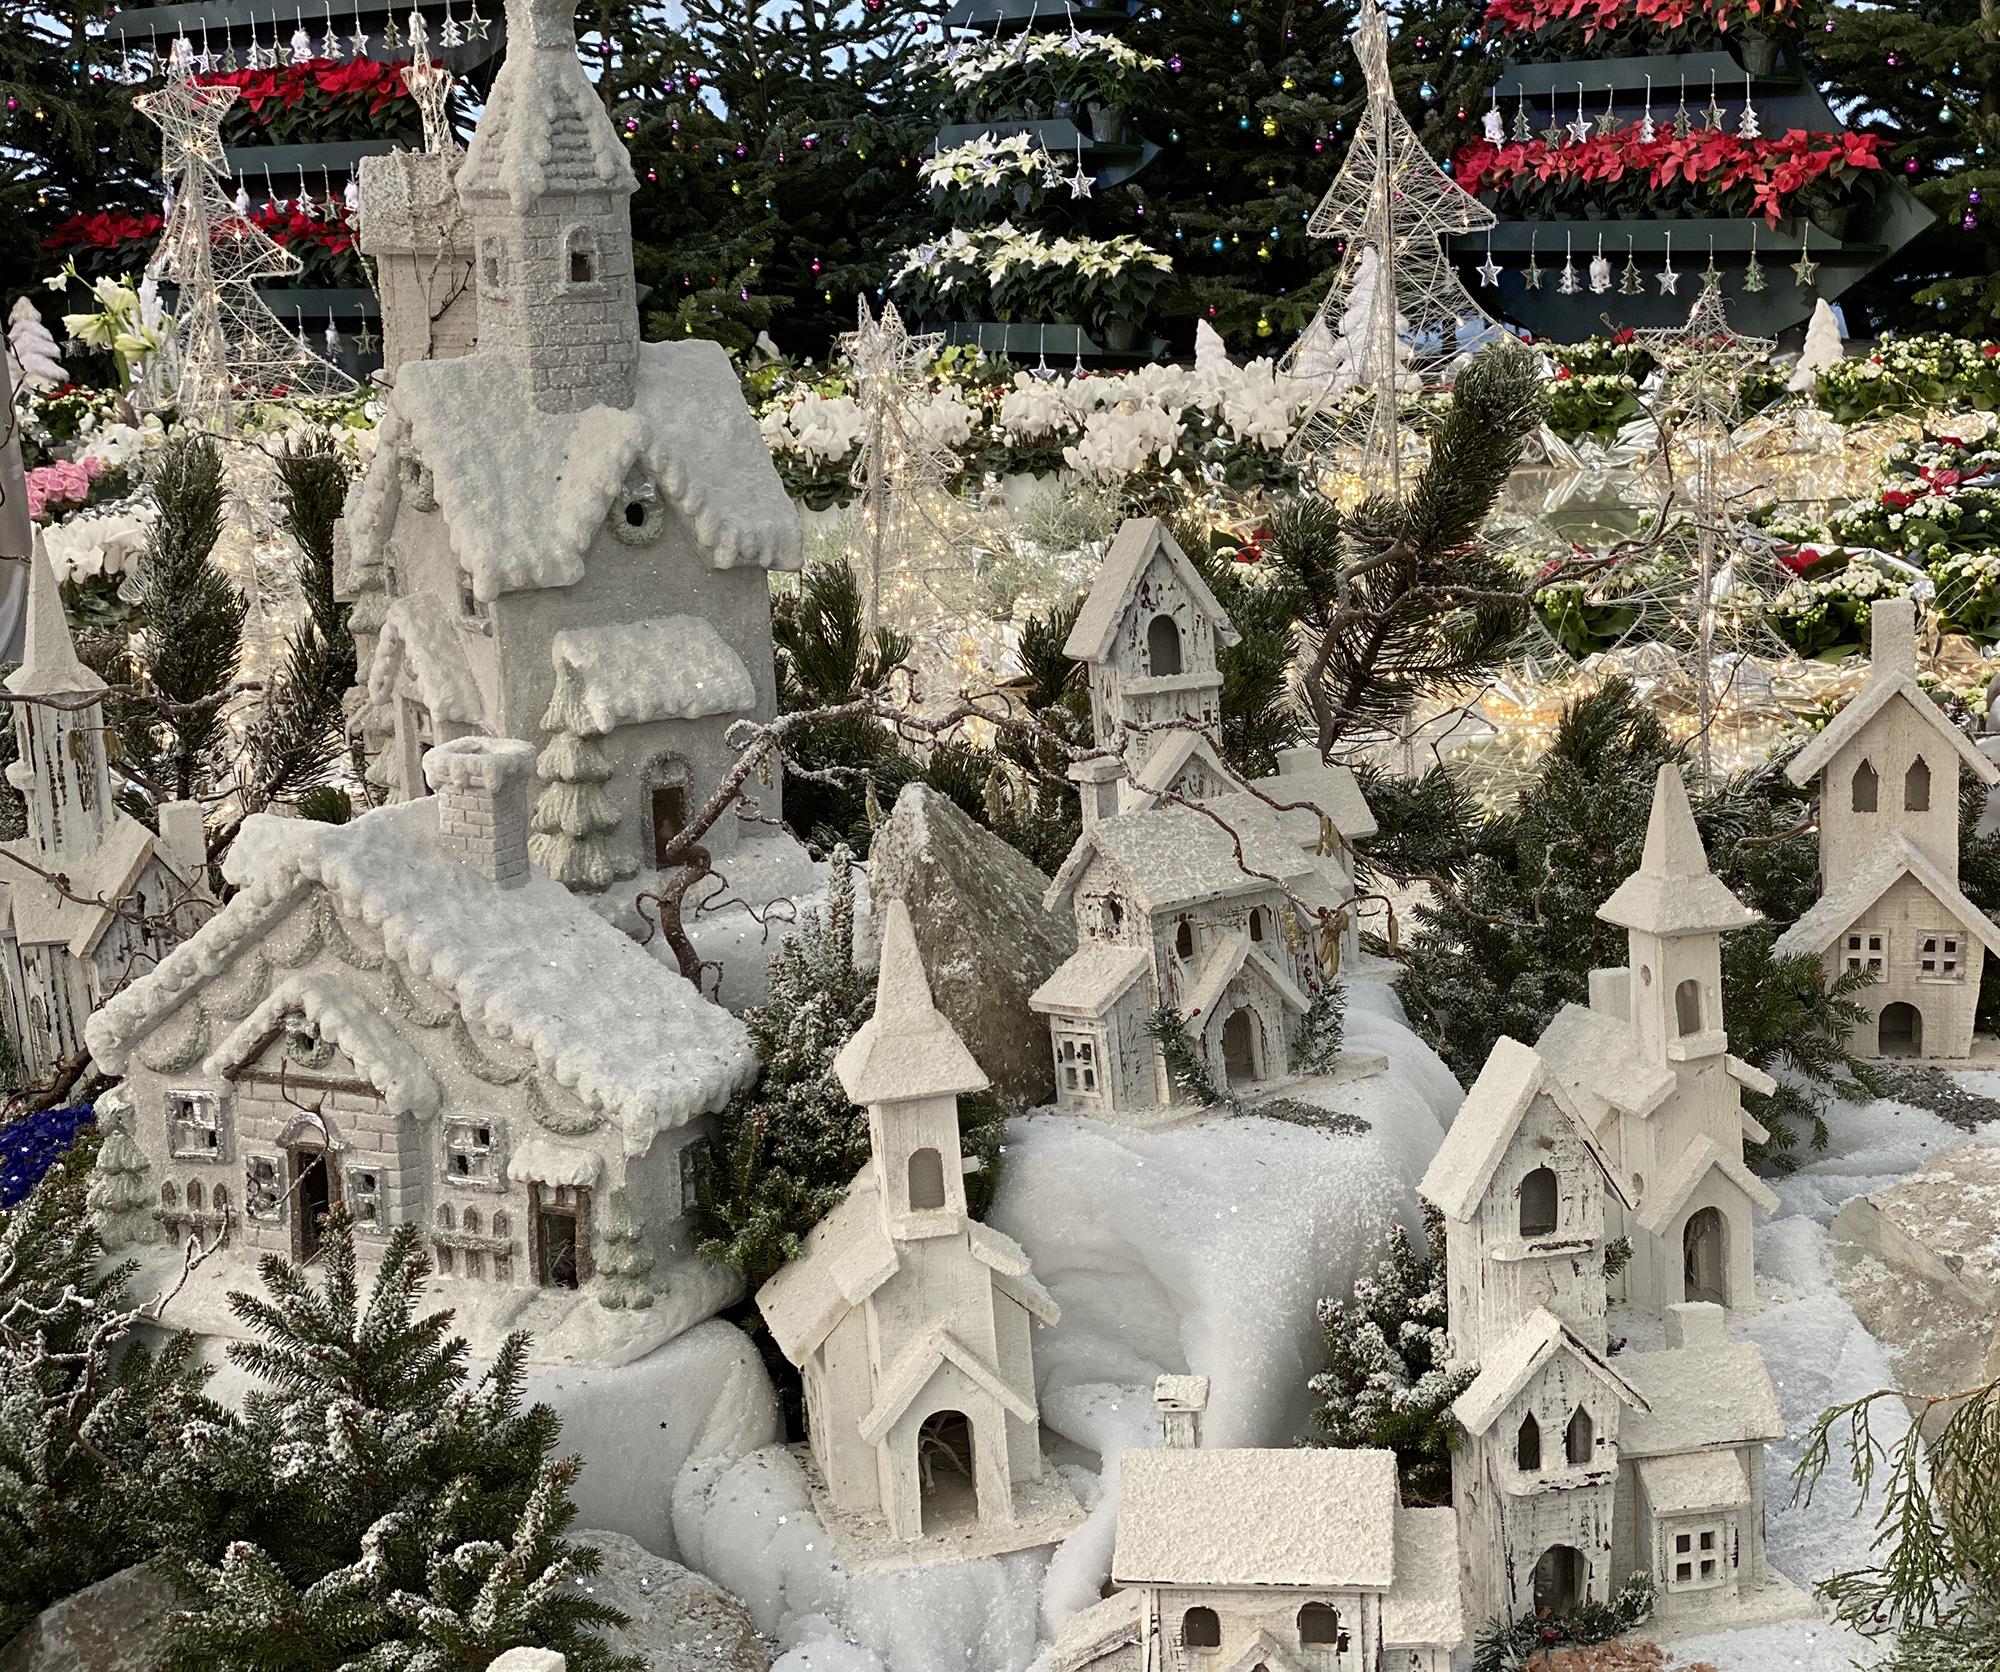 Dorf in der Weihnachtsausstellung 2019 in den Blumengärten Hirschstetten